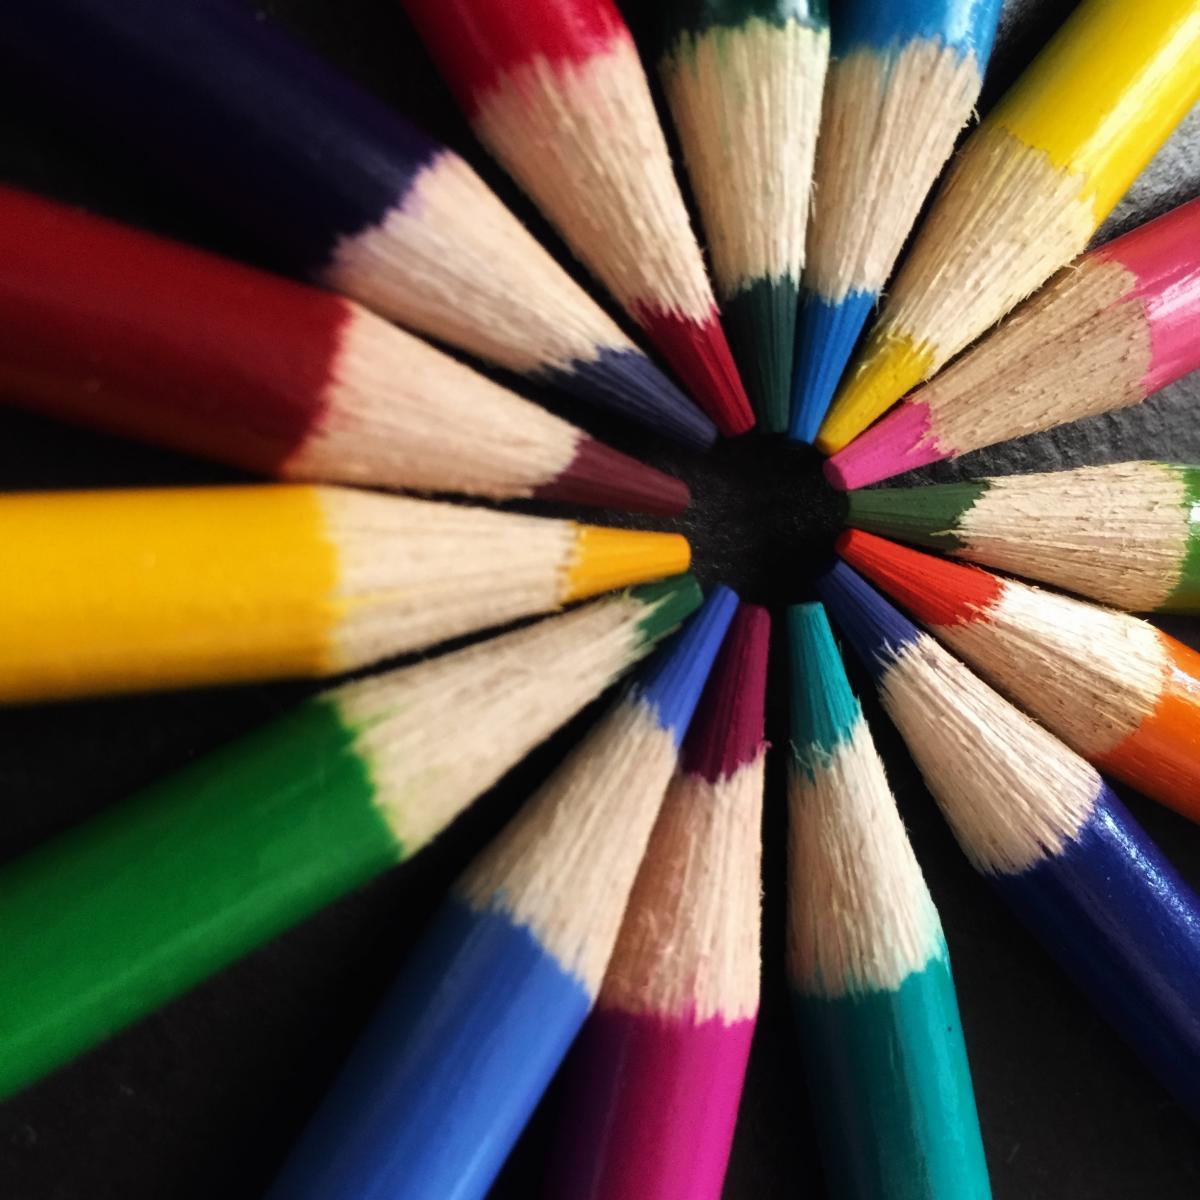 Colores surtidos. #337030